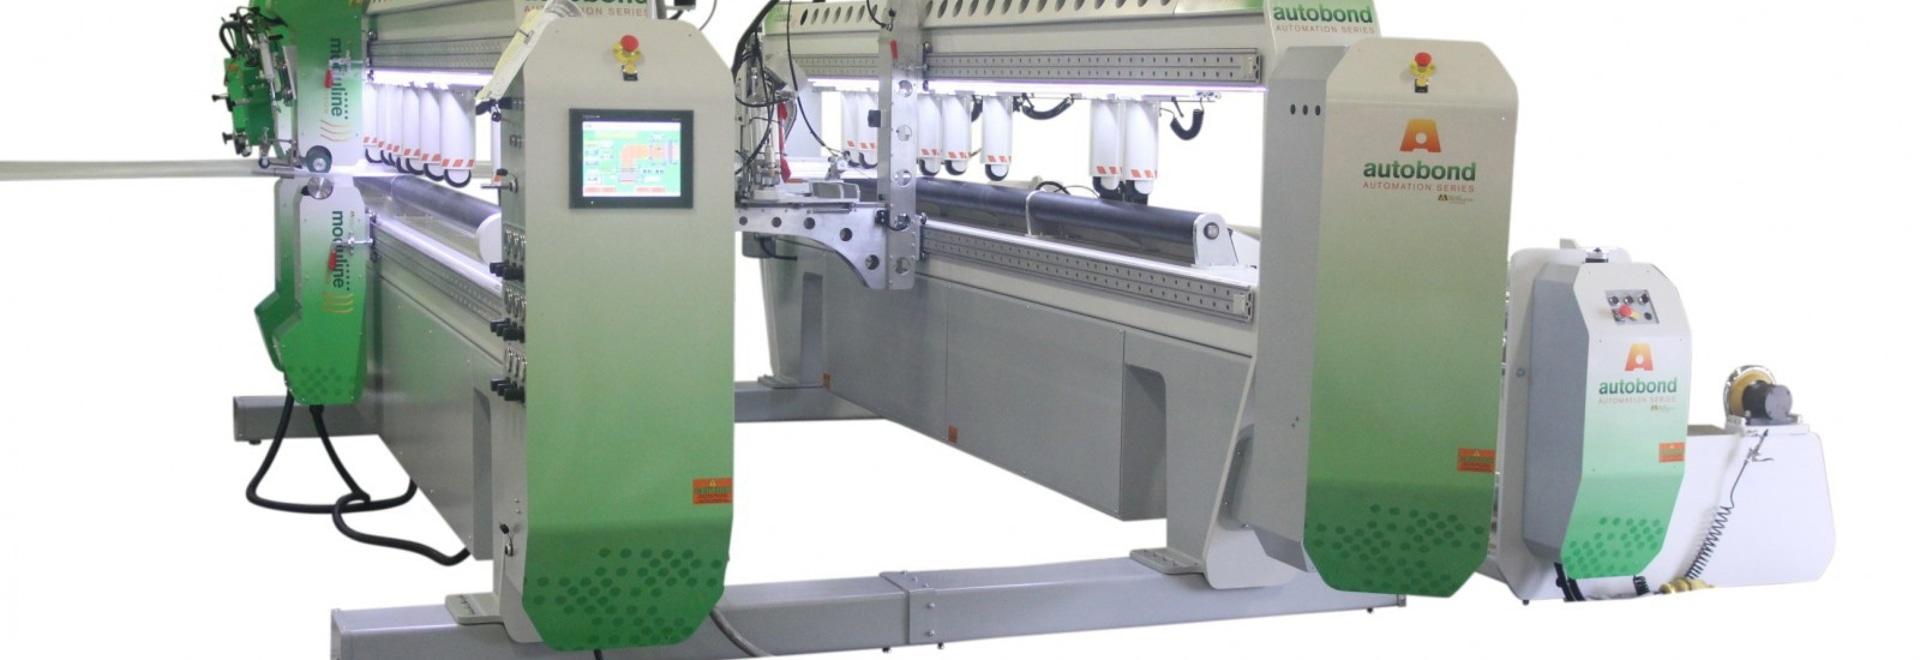 Quel est Miller Weldmaster Automation Process ?